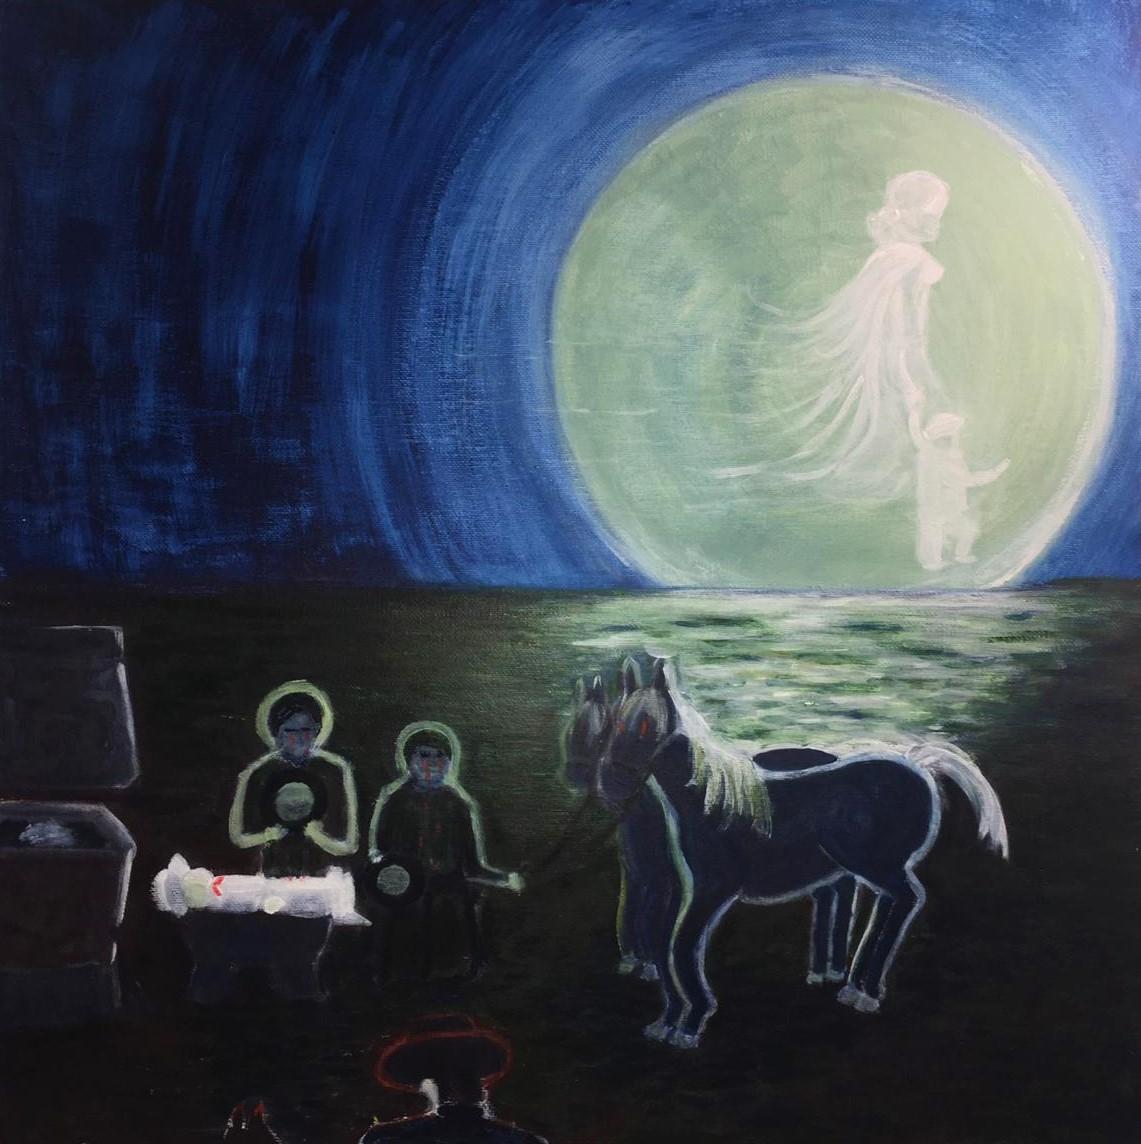 Marie-Ange MASSARD-COMBE. La lune vint à la forge, d'après F.Garcia Lorca.